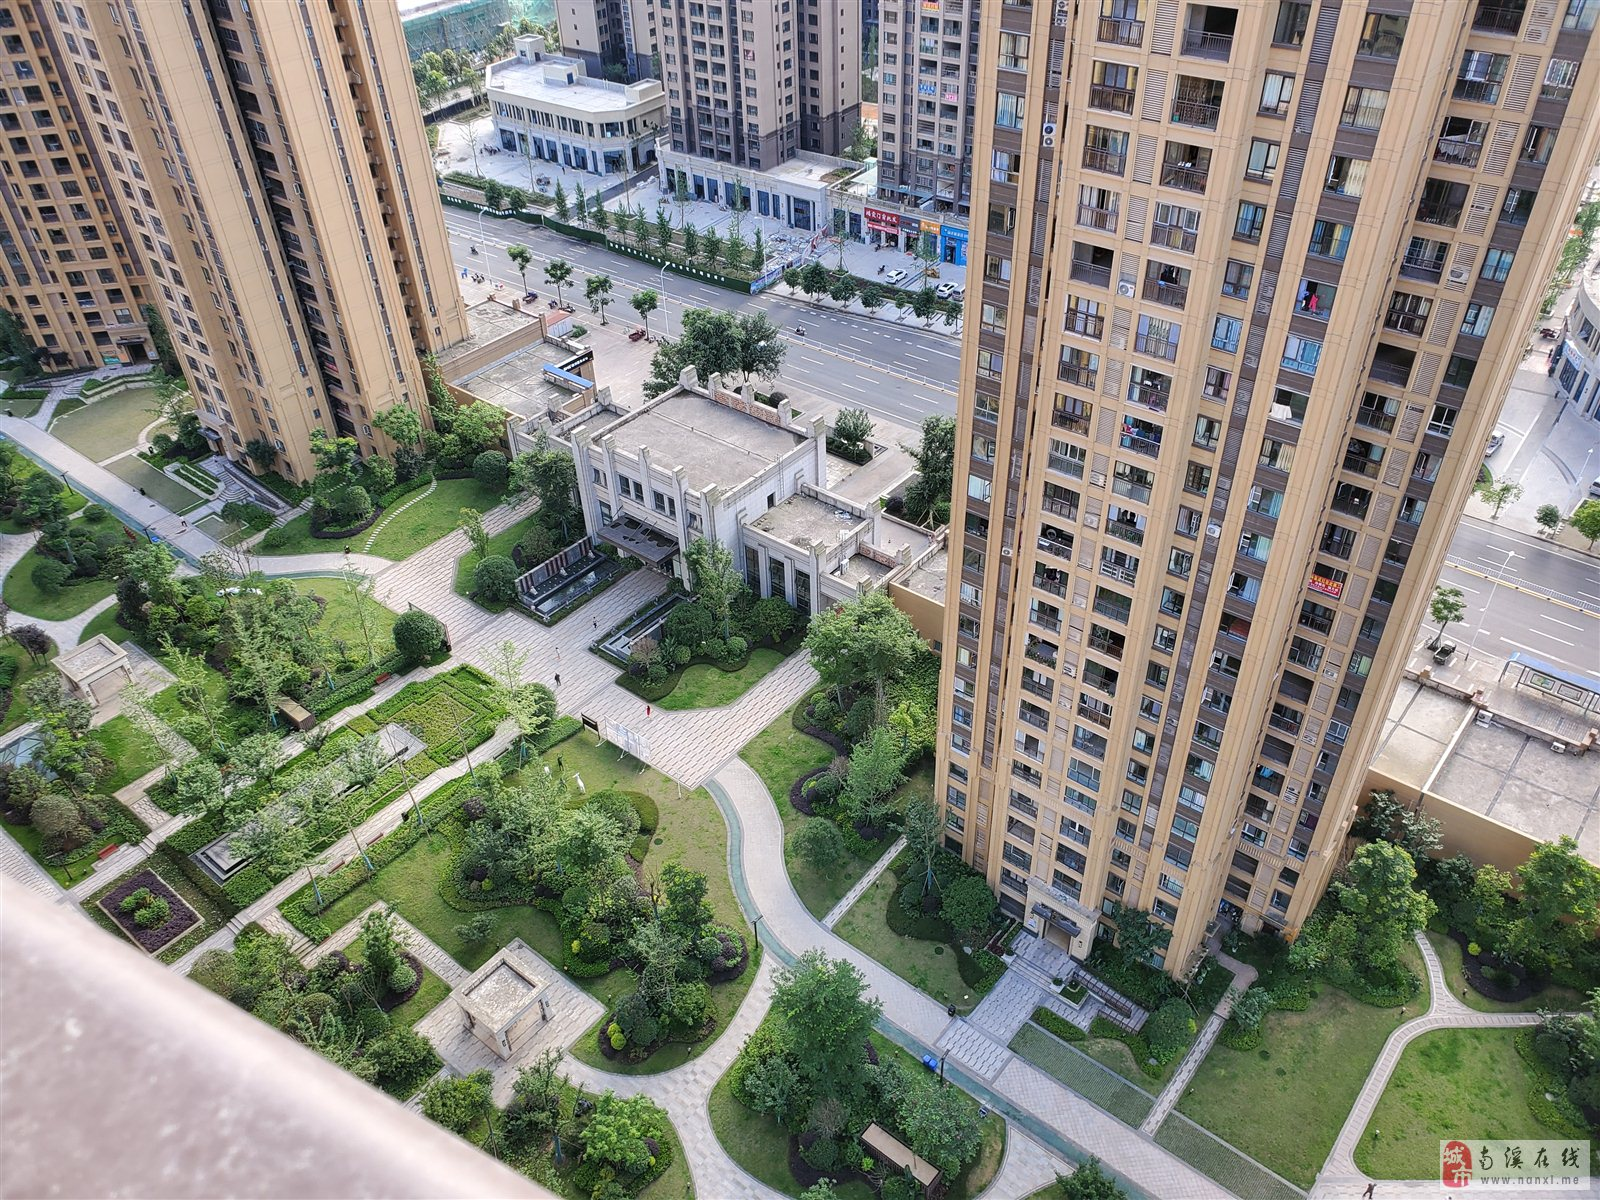 凤凰城高层 看中庭 标准大三房 升值空间大 可接按揭